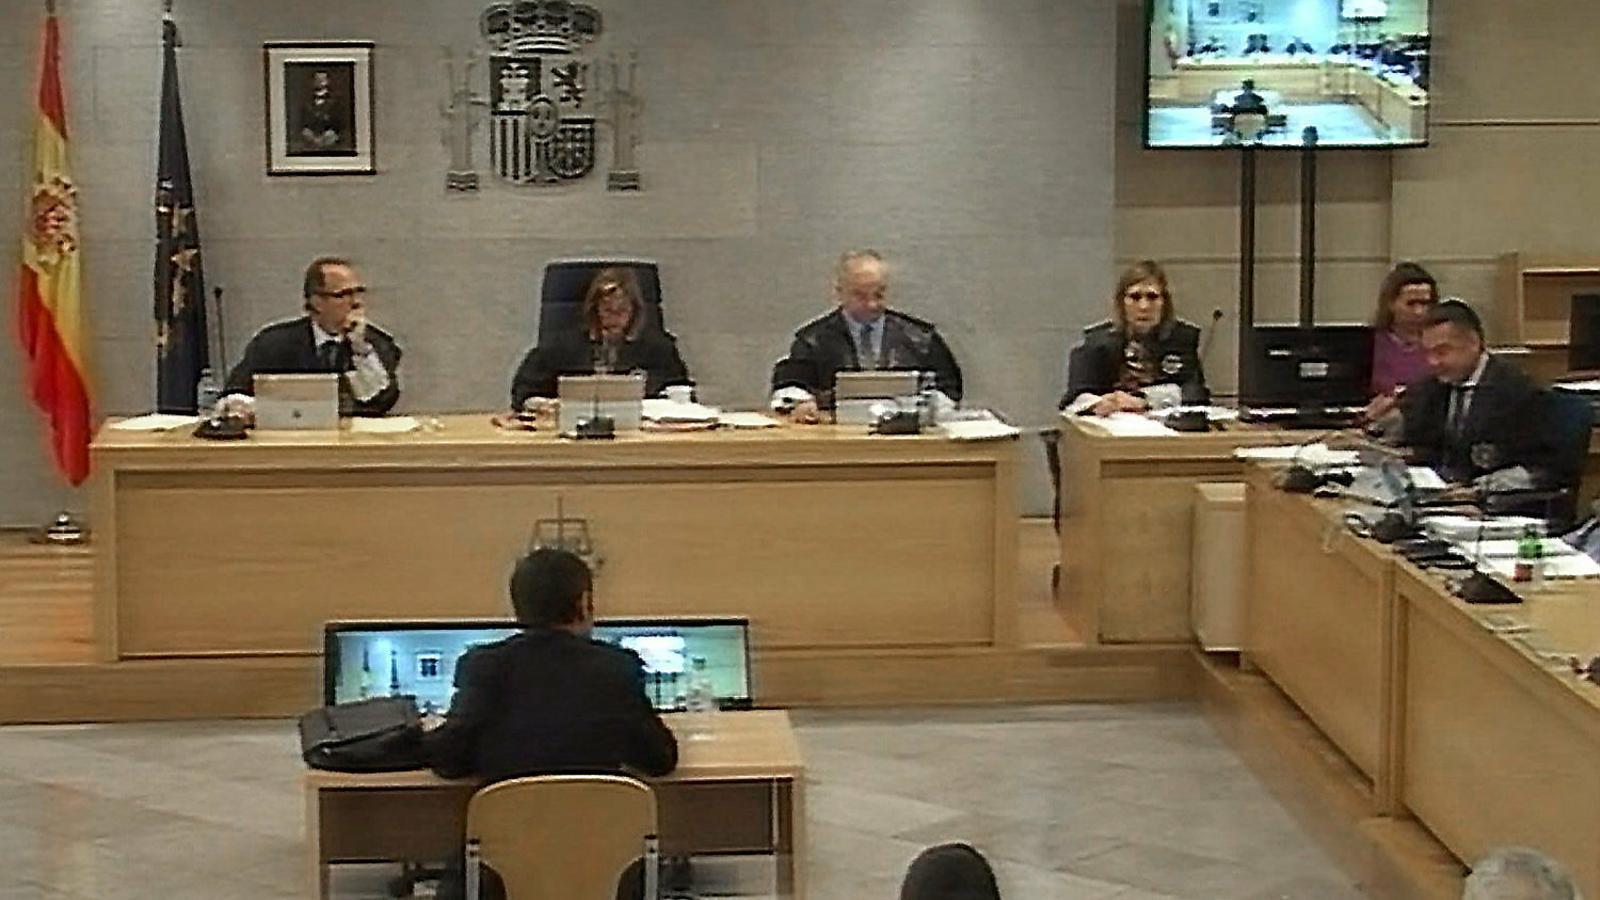 Una jornada del judici contra la cúpula dels Mossos a l'Audiència Nacional.